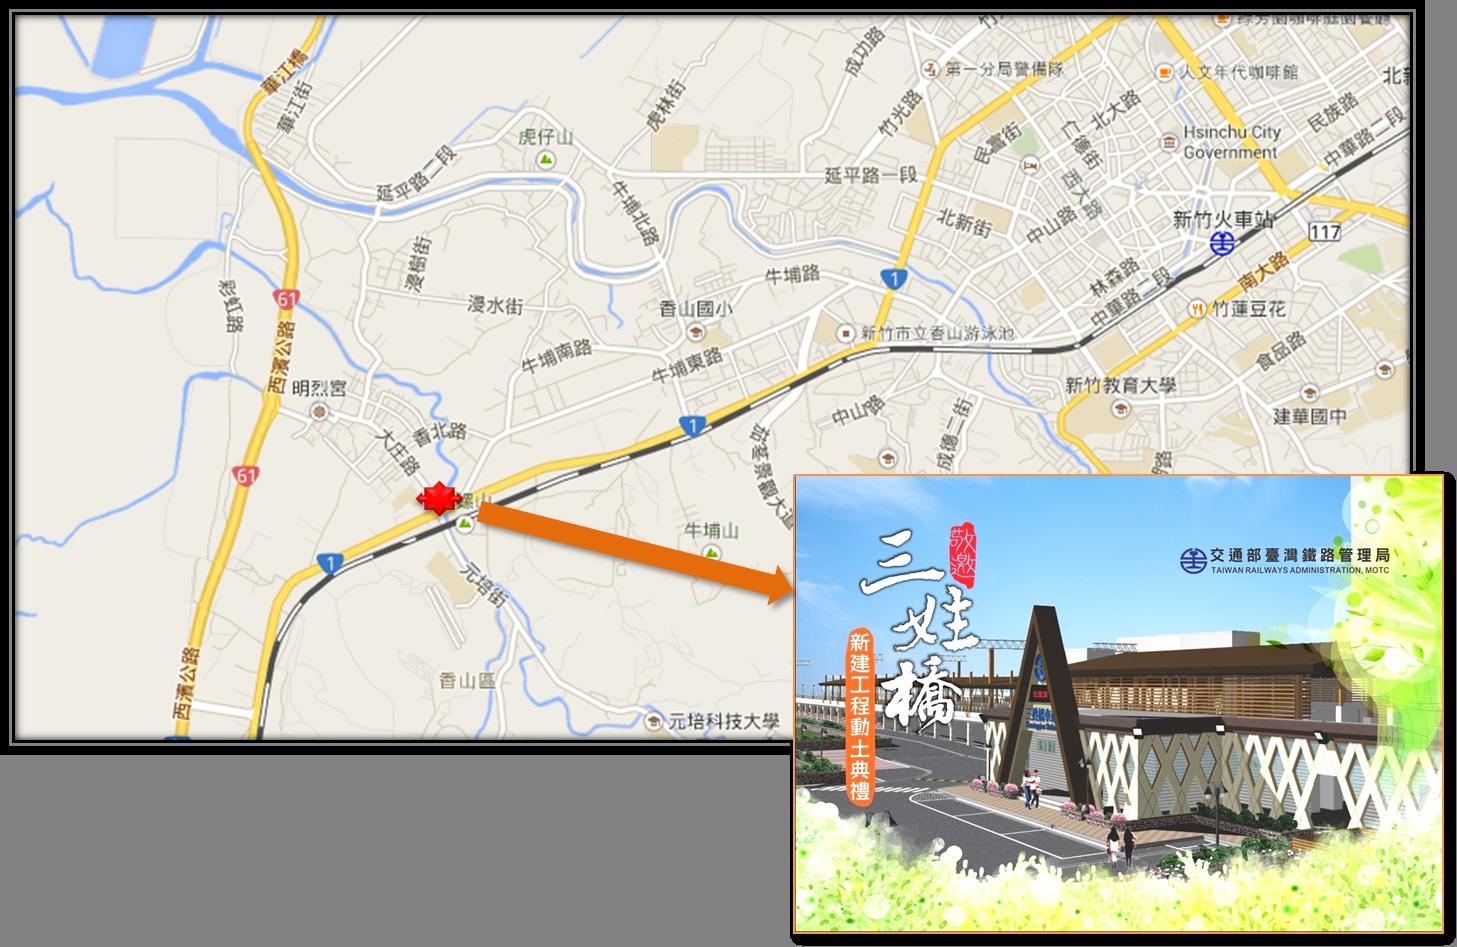 [交通議題] 台鐵三姓橋站 動土 – 轉載自台灣新生報 2014/01/08